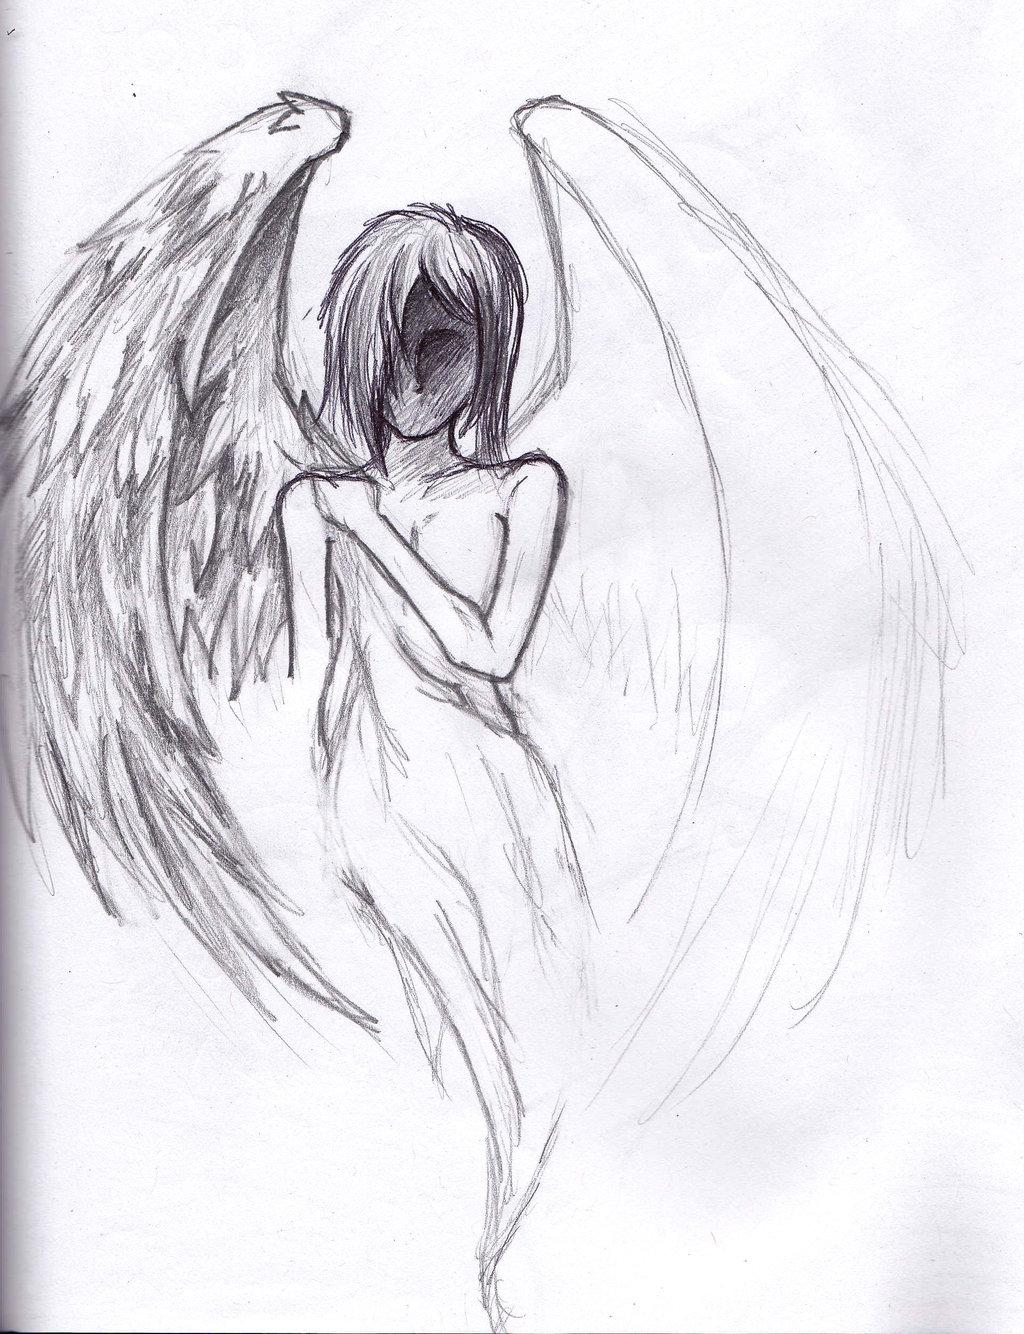 Drawn angel easy draw #11